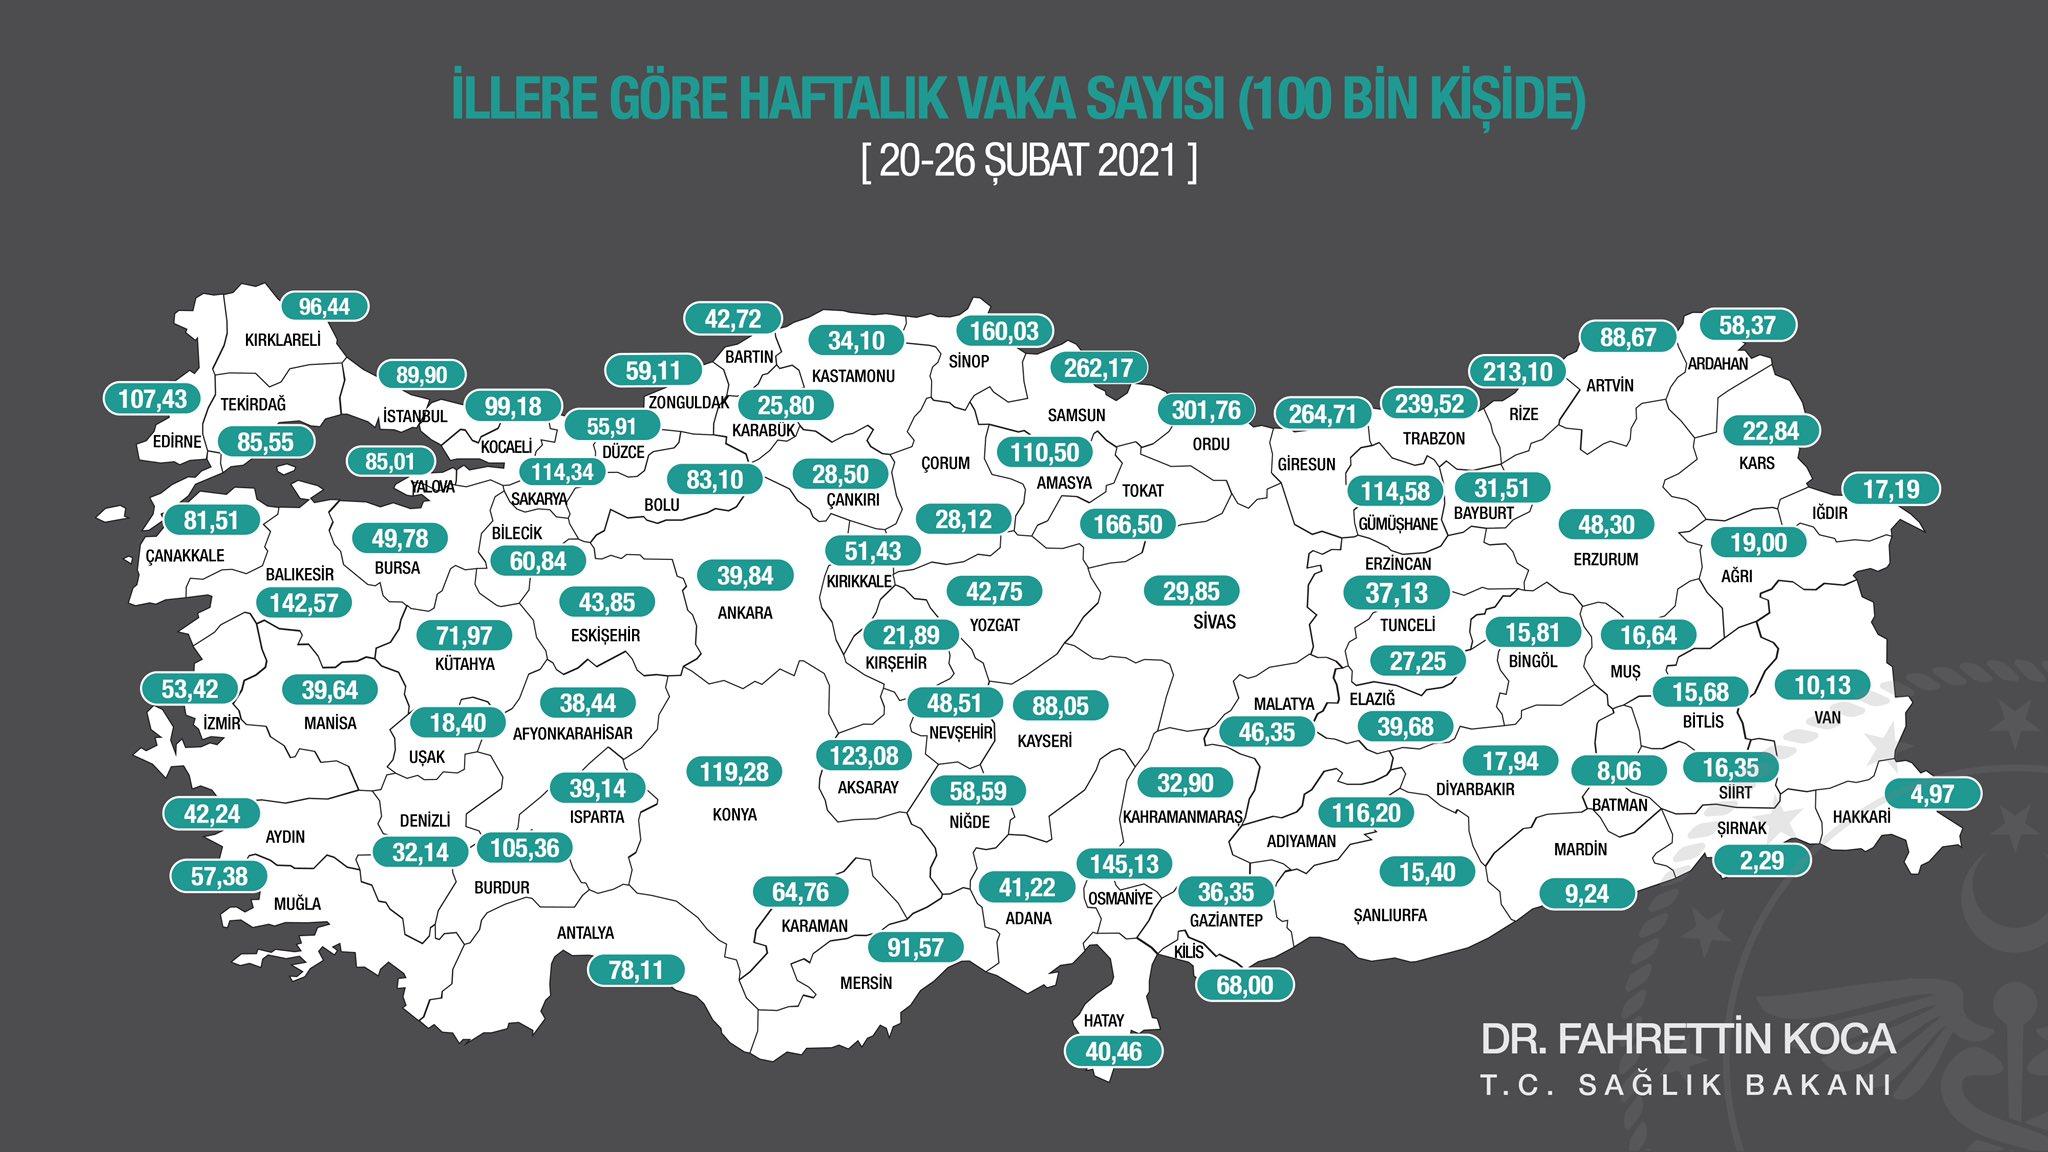 Son dakika |Sağlık Bakanı Fahrettin Koca illere göre haftalık vaka sayısını açıkladı